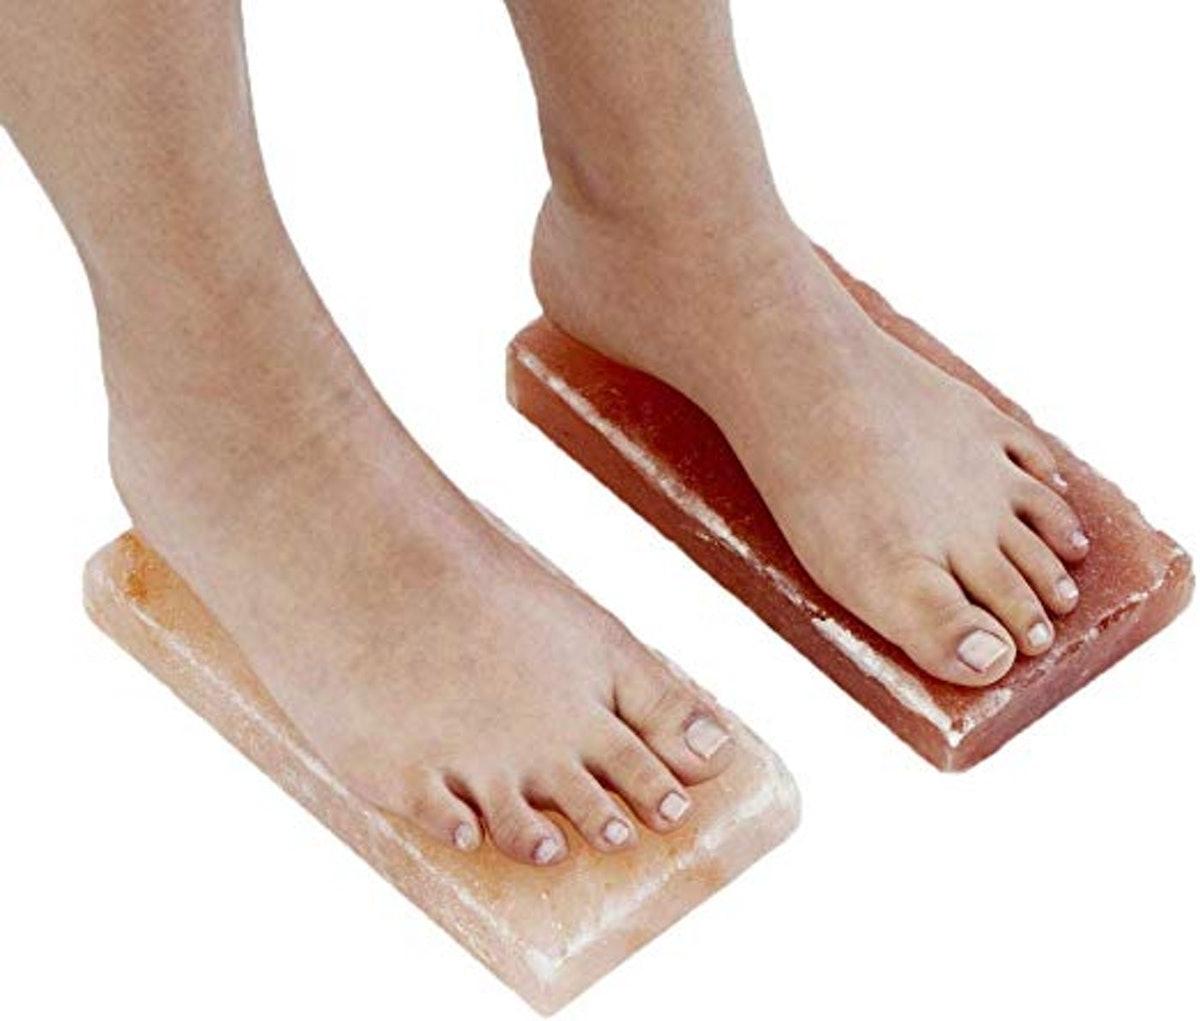 New Himalayan Salt Block Detox For Foot (2-Pack)